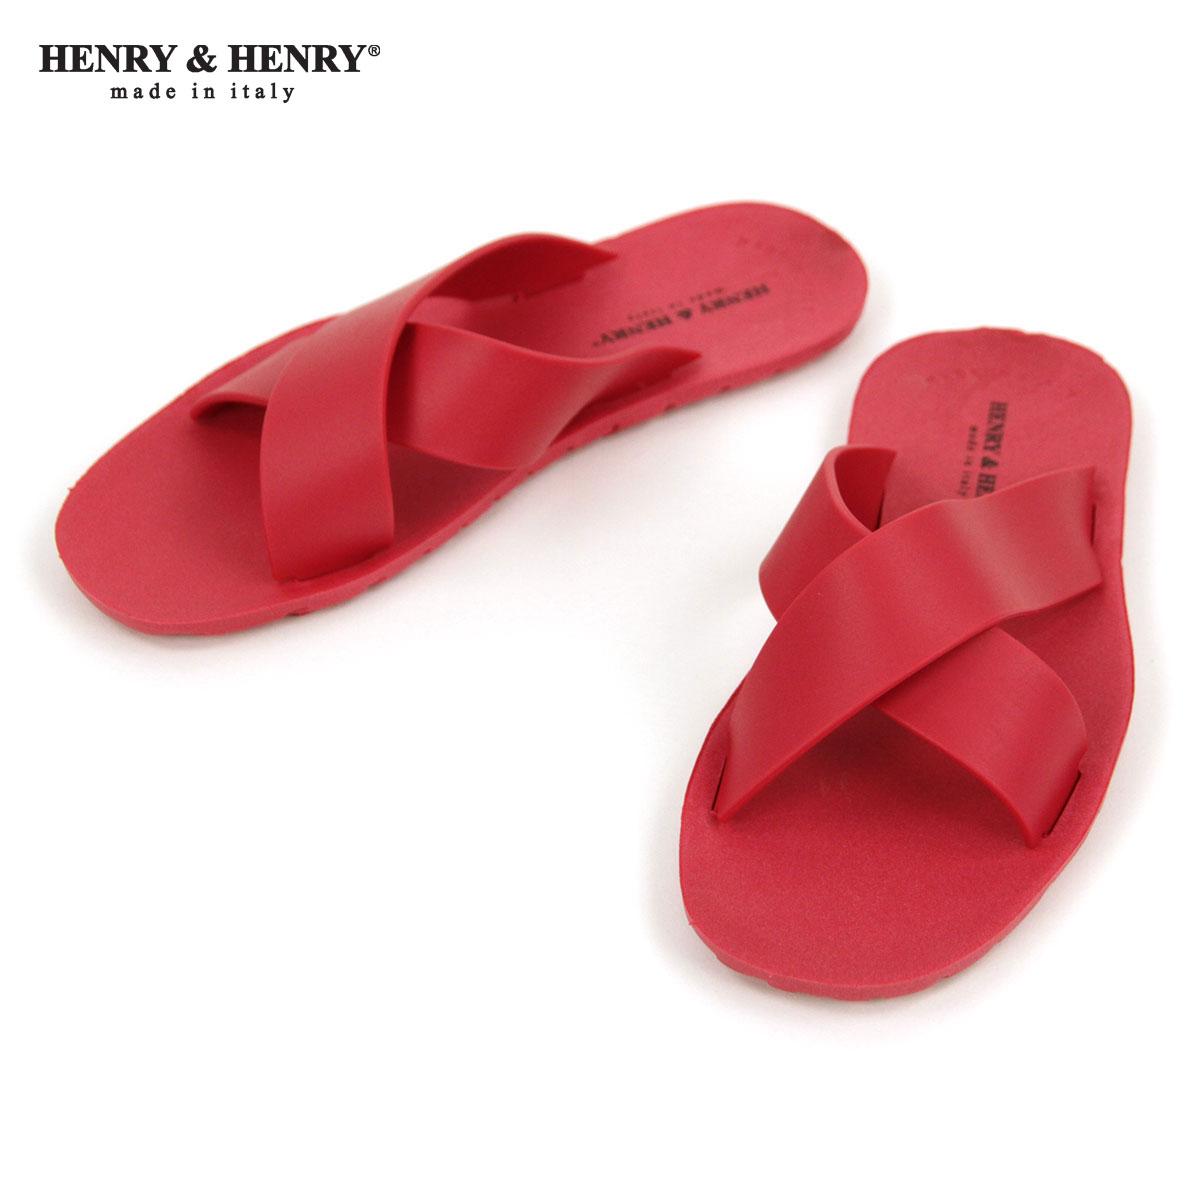 ヘンリーアンドヘンリー HENRY&HENRY 正規販売店 サンダル クロス CROSS SANDAL ROSSO 55 A66B B3C C4D D3E E11F